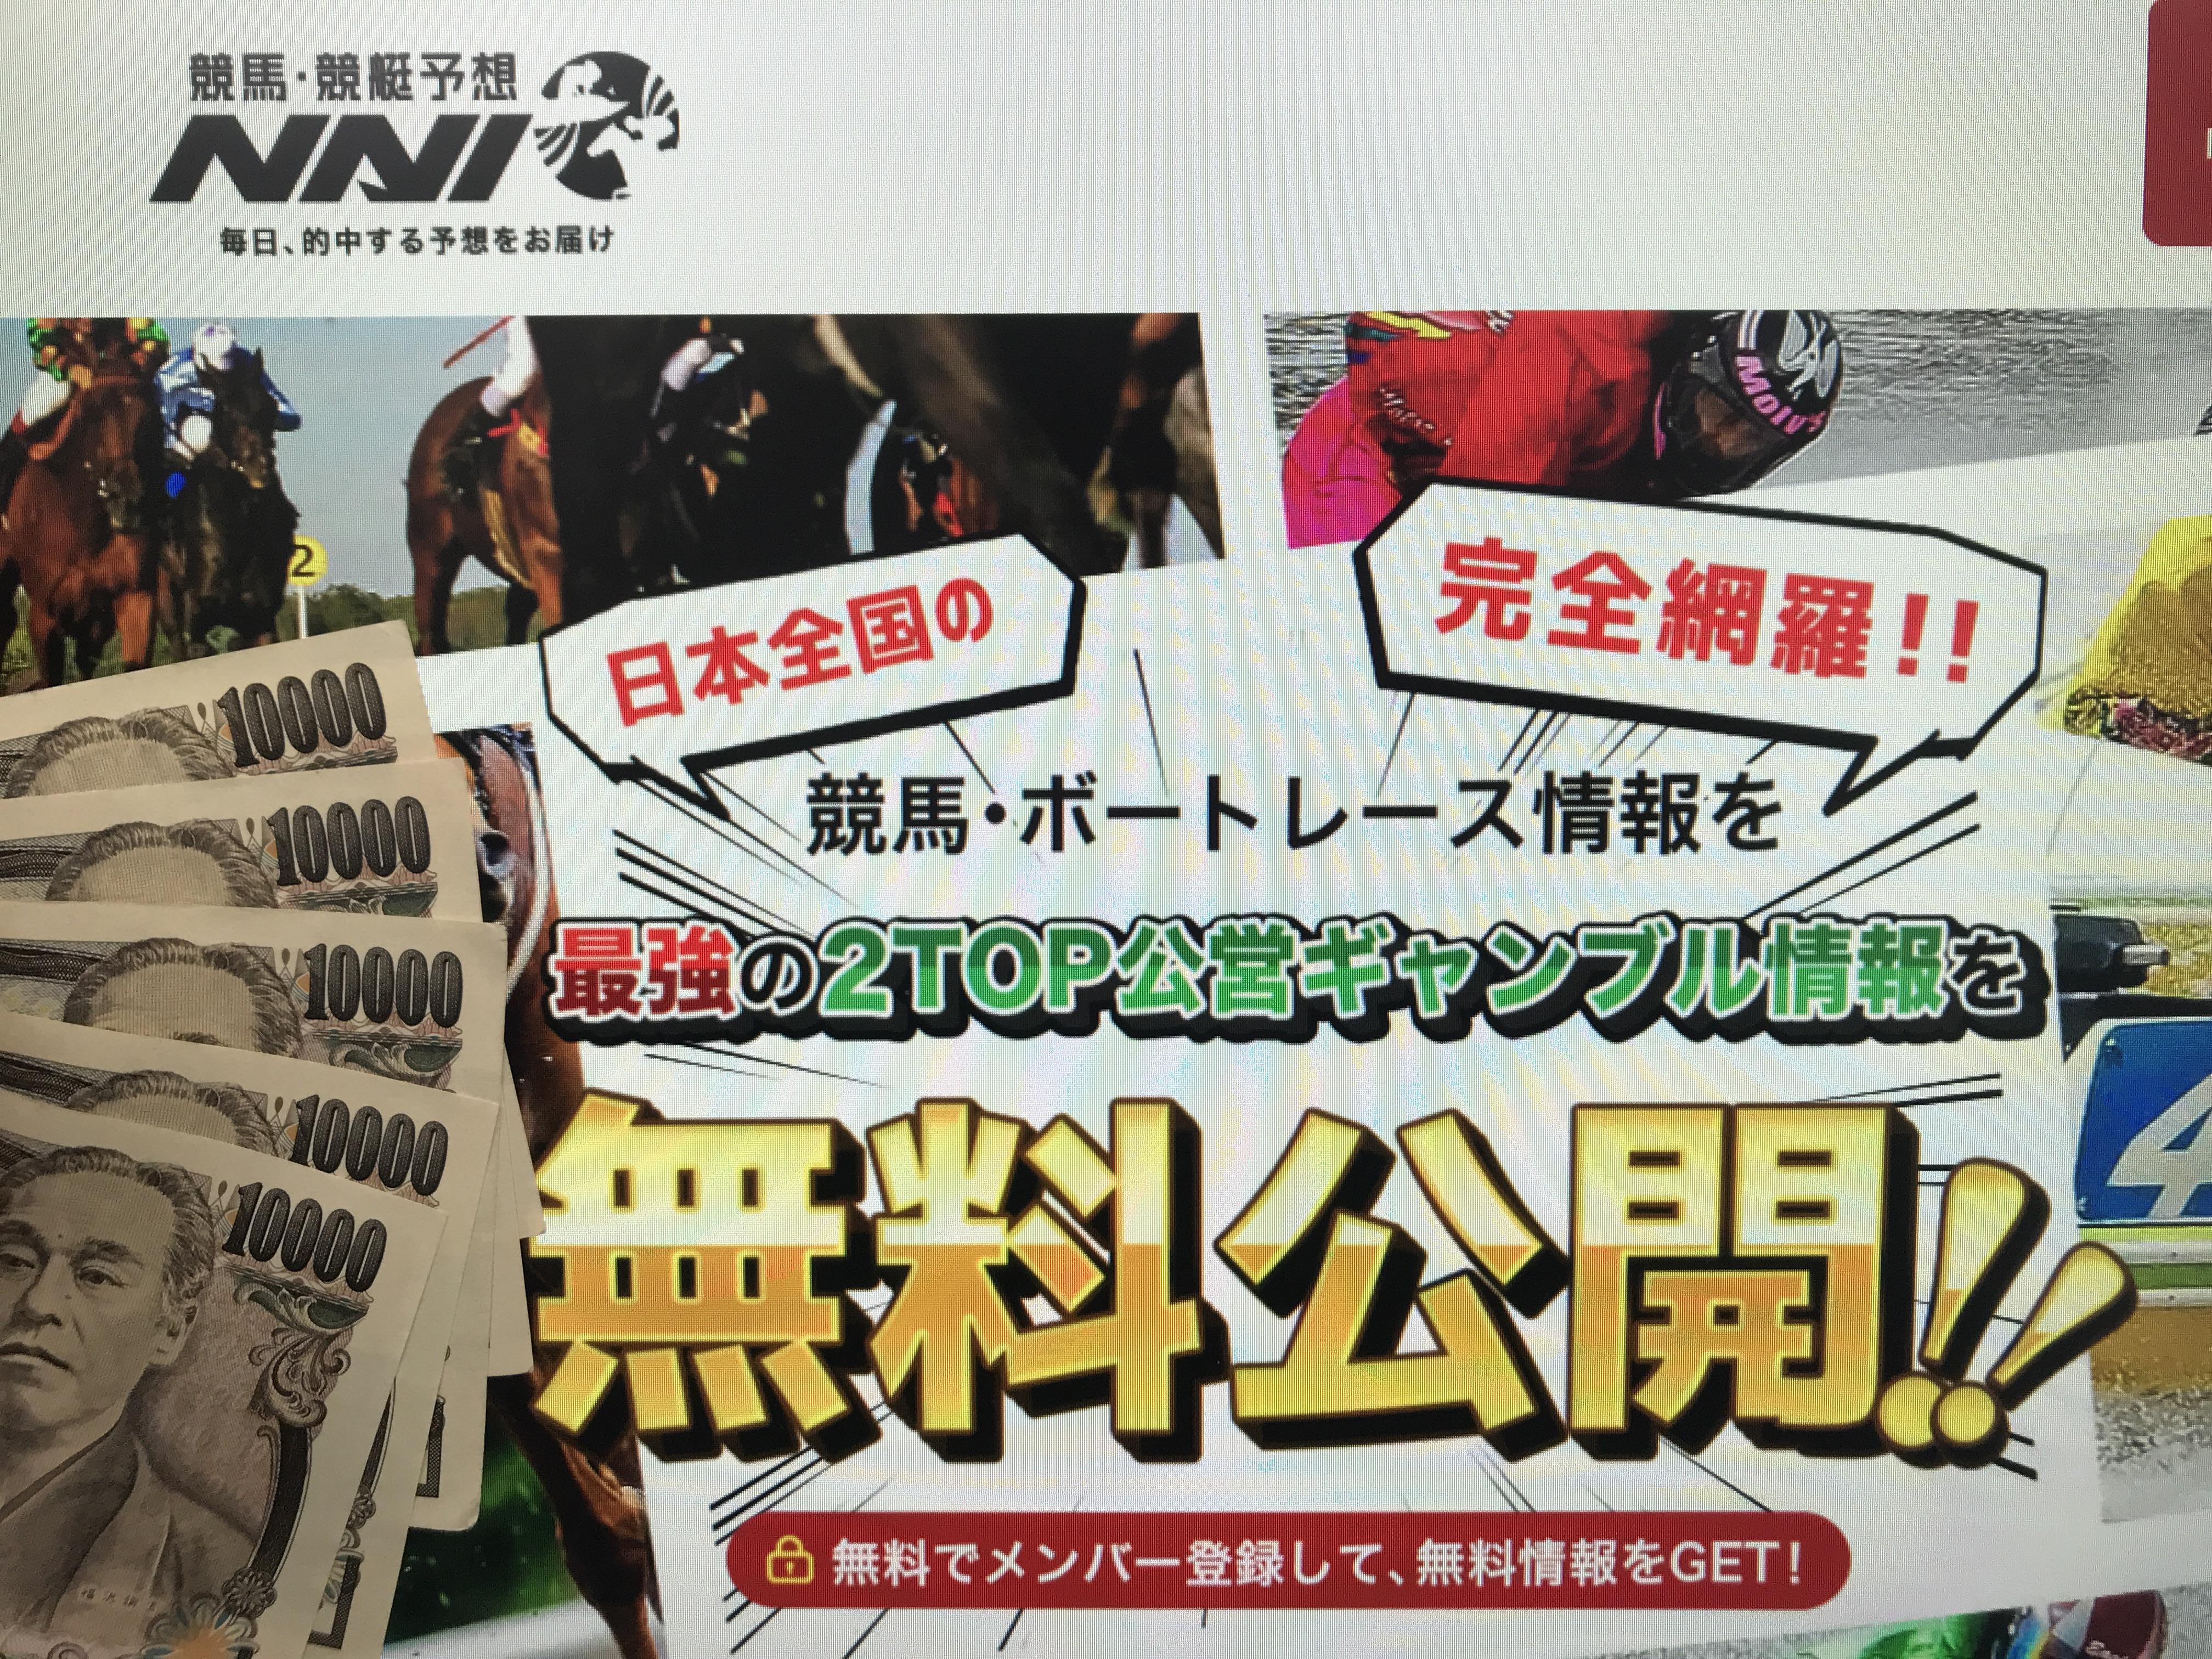 競艇予想ナビのサイトトップと5万円